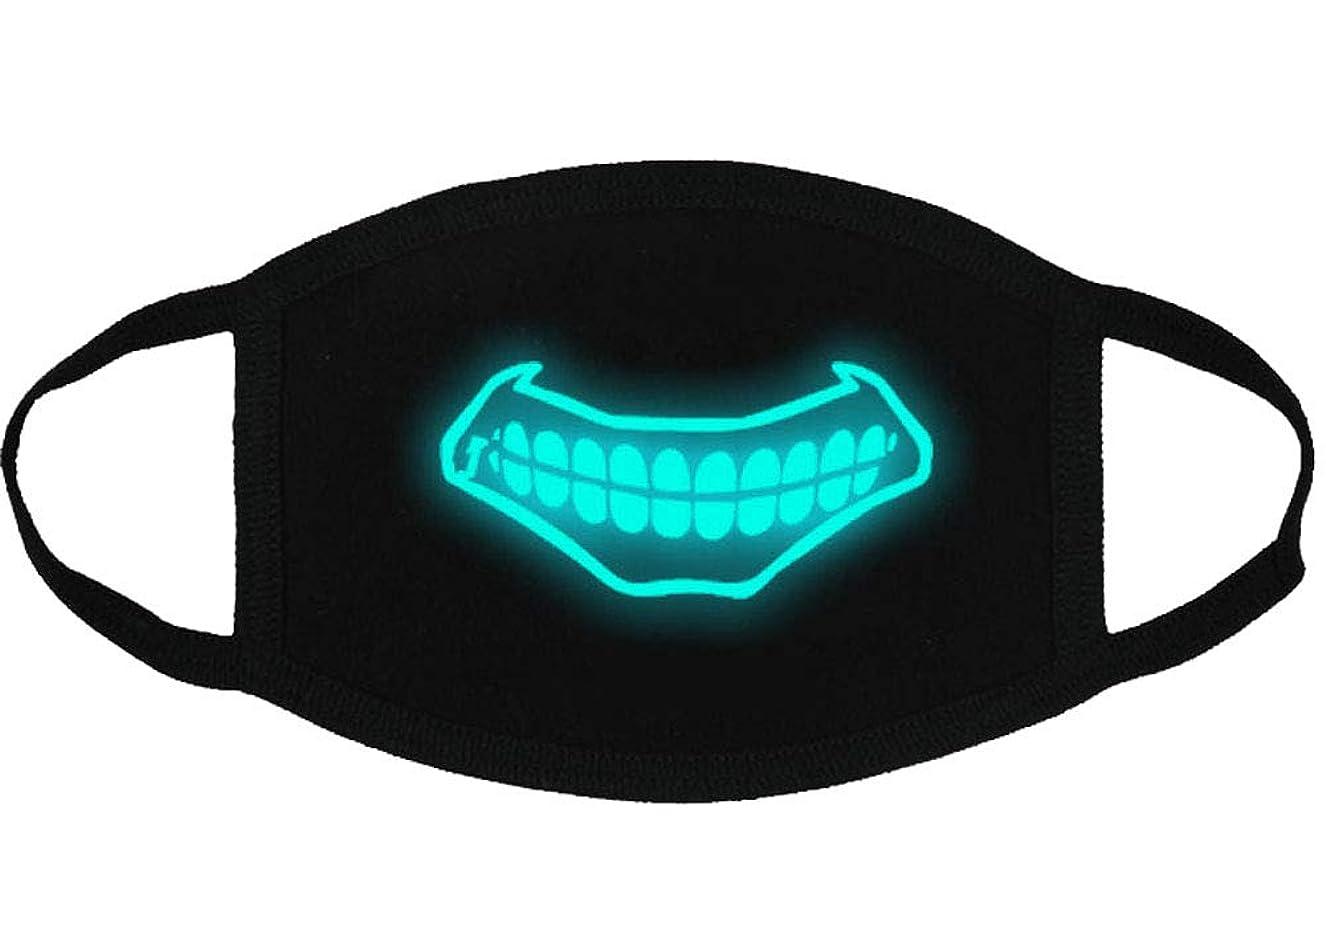 かき混ぜる難民ドアミラークールな光沢のある歯のパターンコットンブレンドアンチダストフェイスマスク、Y4